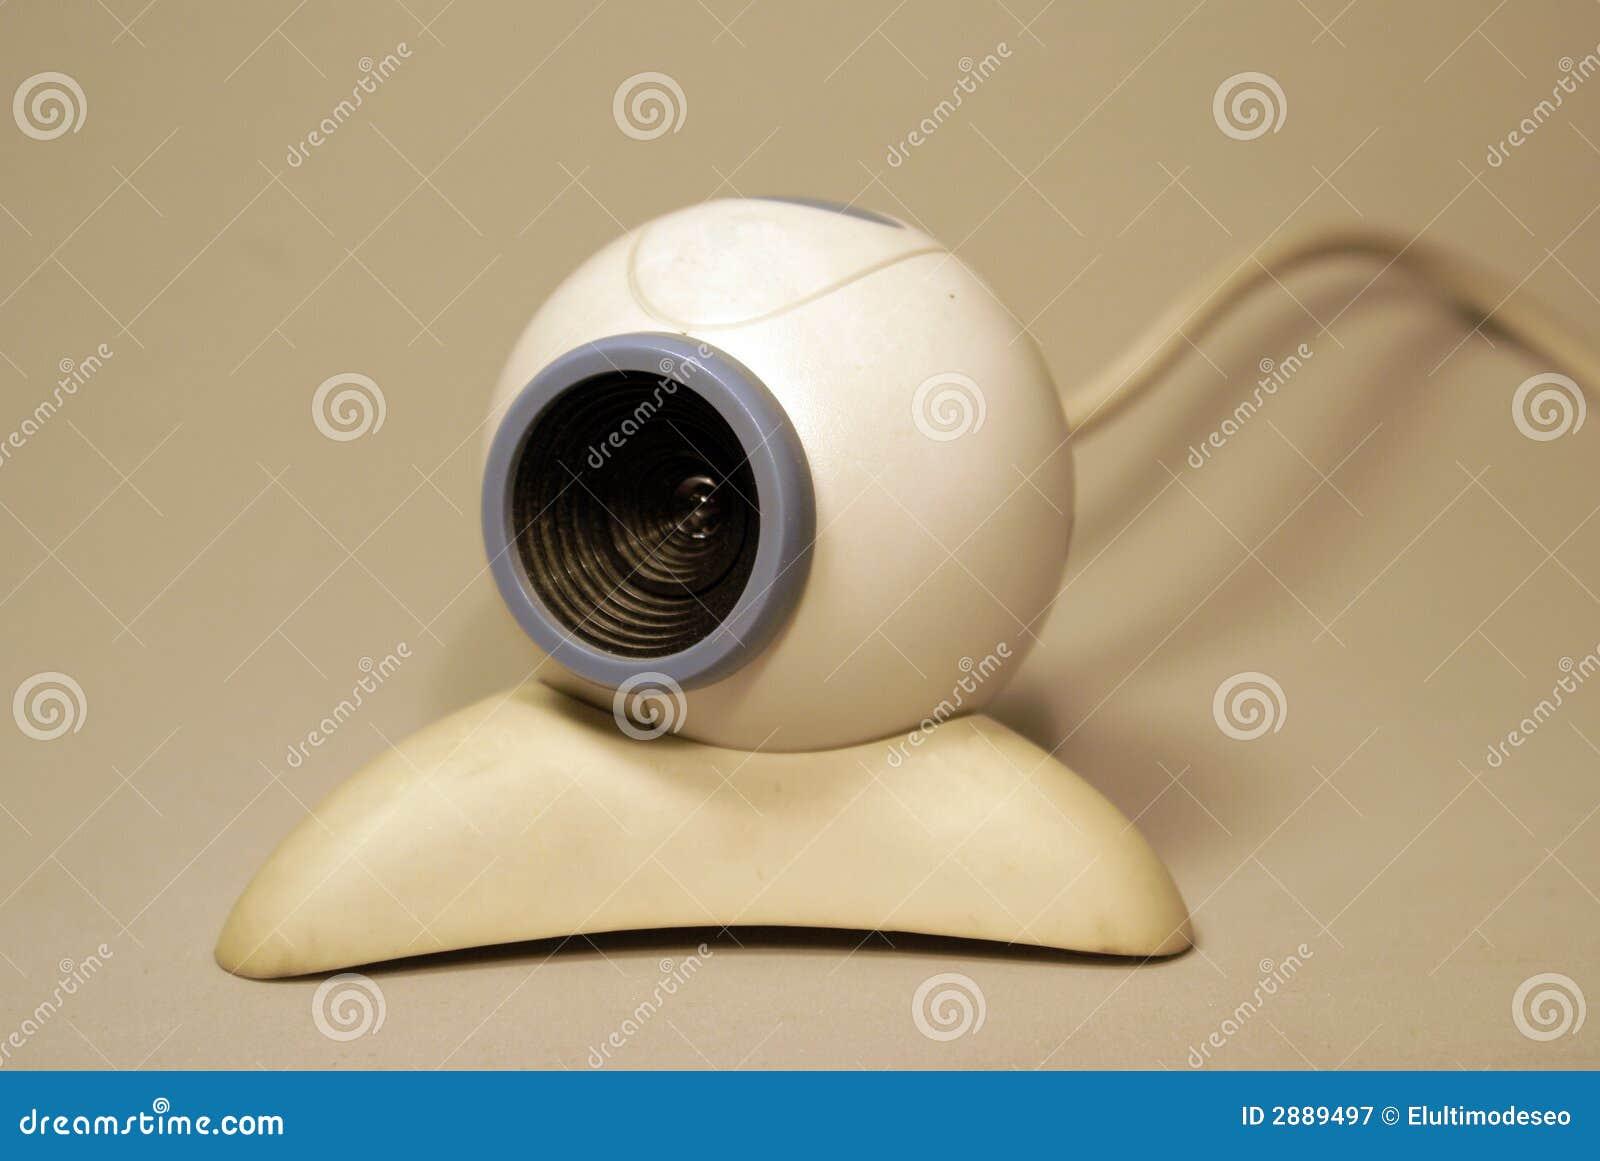 live webcam porn porno novo